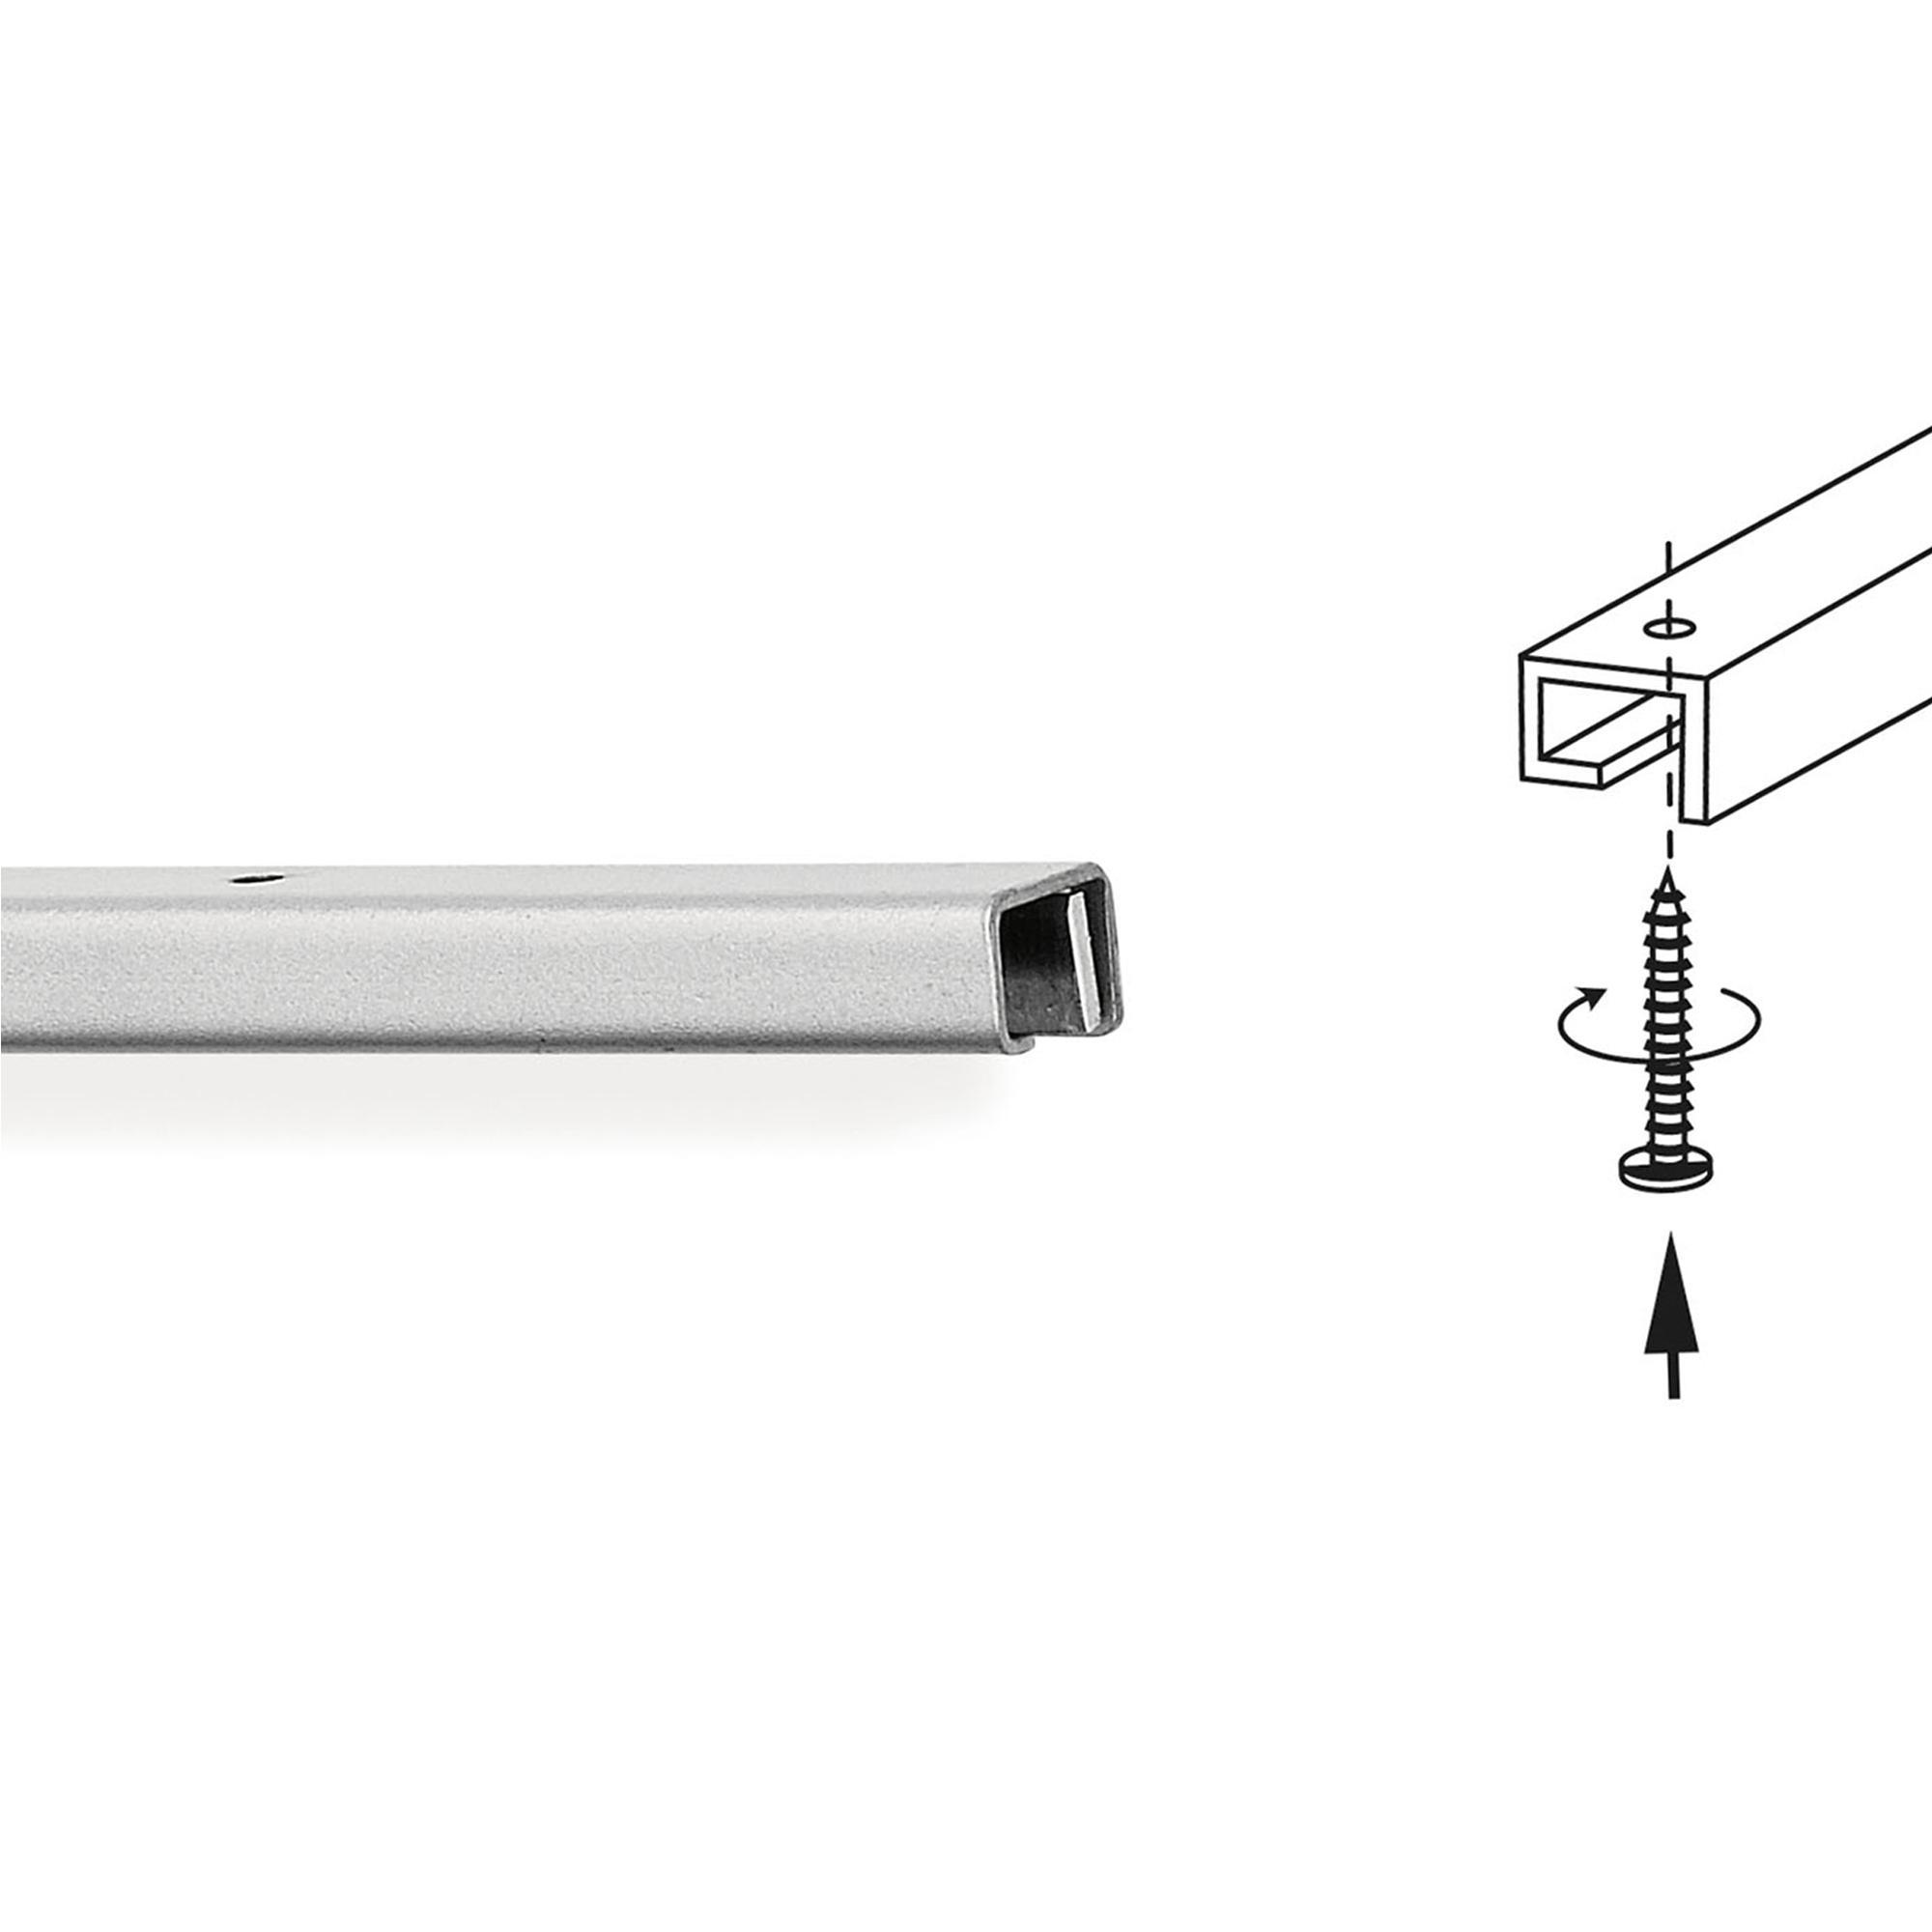 Barra portautensili tubo quadro cm linea quadro - Barra portautensili cucina ...